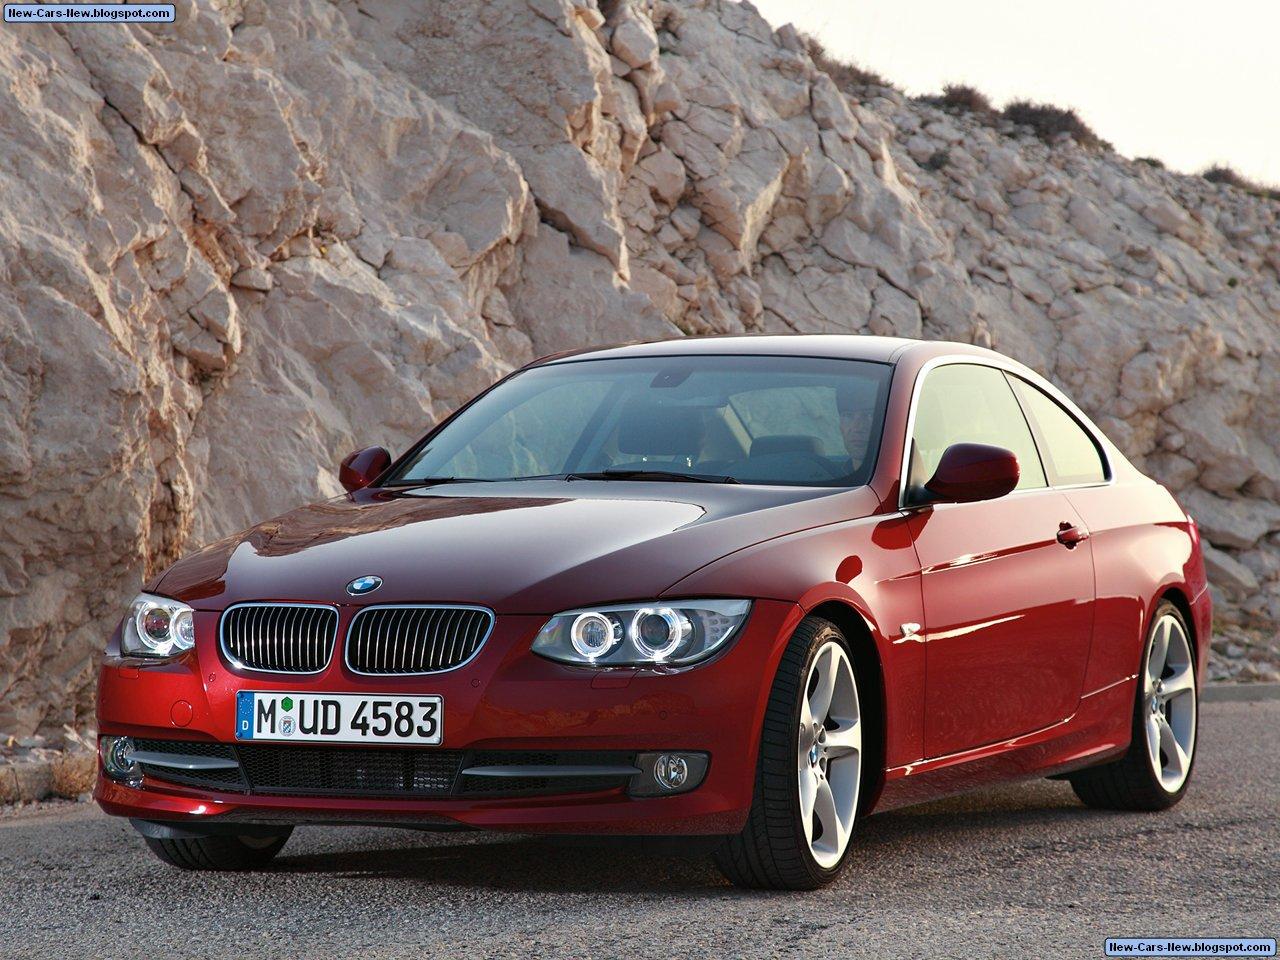 http://1.bp.blogspot.com/_U4w592tUDHM/TCL9e8rd5qI/AAAAAAAAC-o/v9t8a5lSzic/s1600/BMW-3-Series_Coupe_2011_1280x960_wallpaper_01.jpg